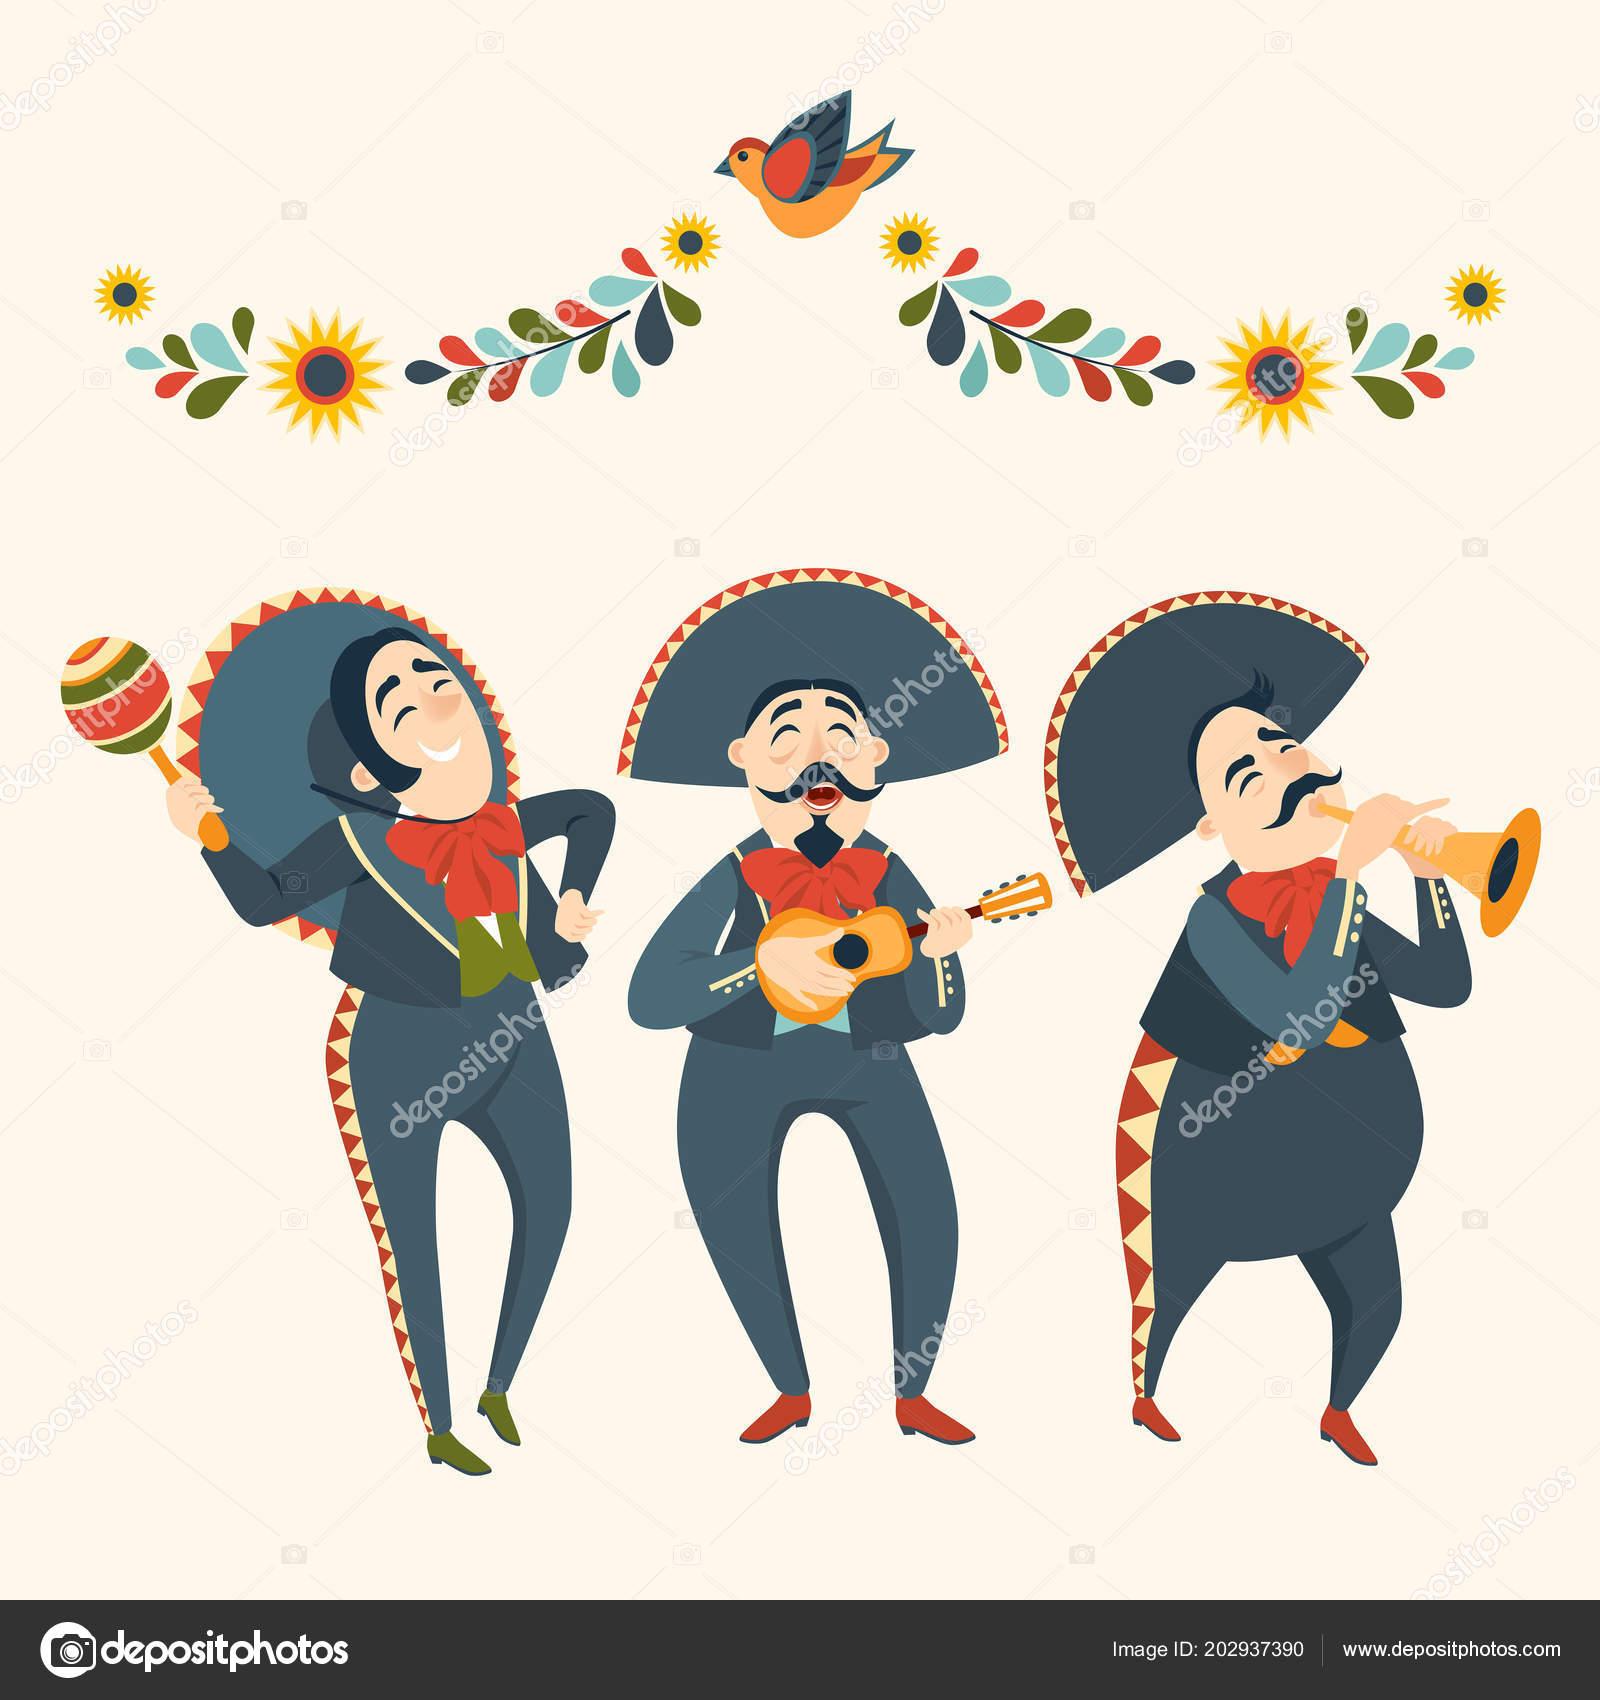 Mariachi Juegos Banda Juegos Instrumentos Musicales Fiesta Mexicana